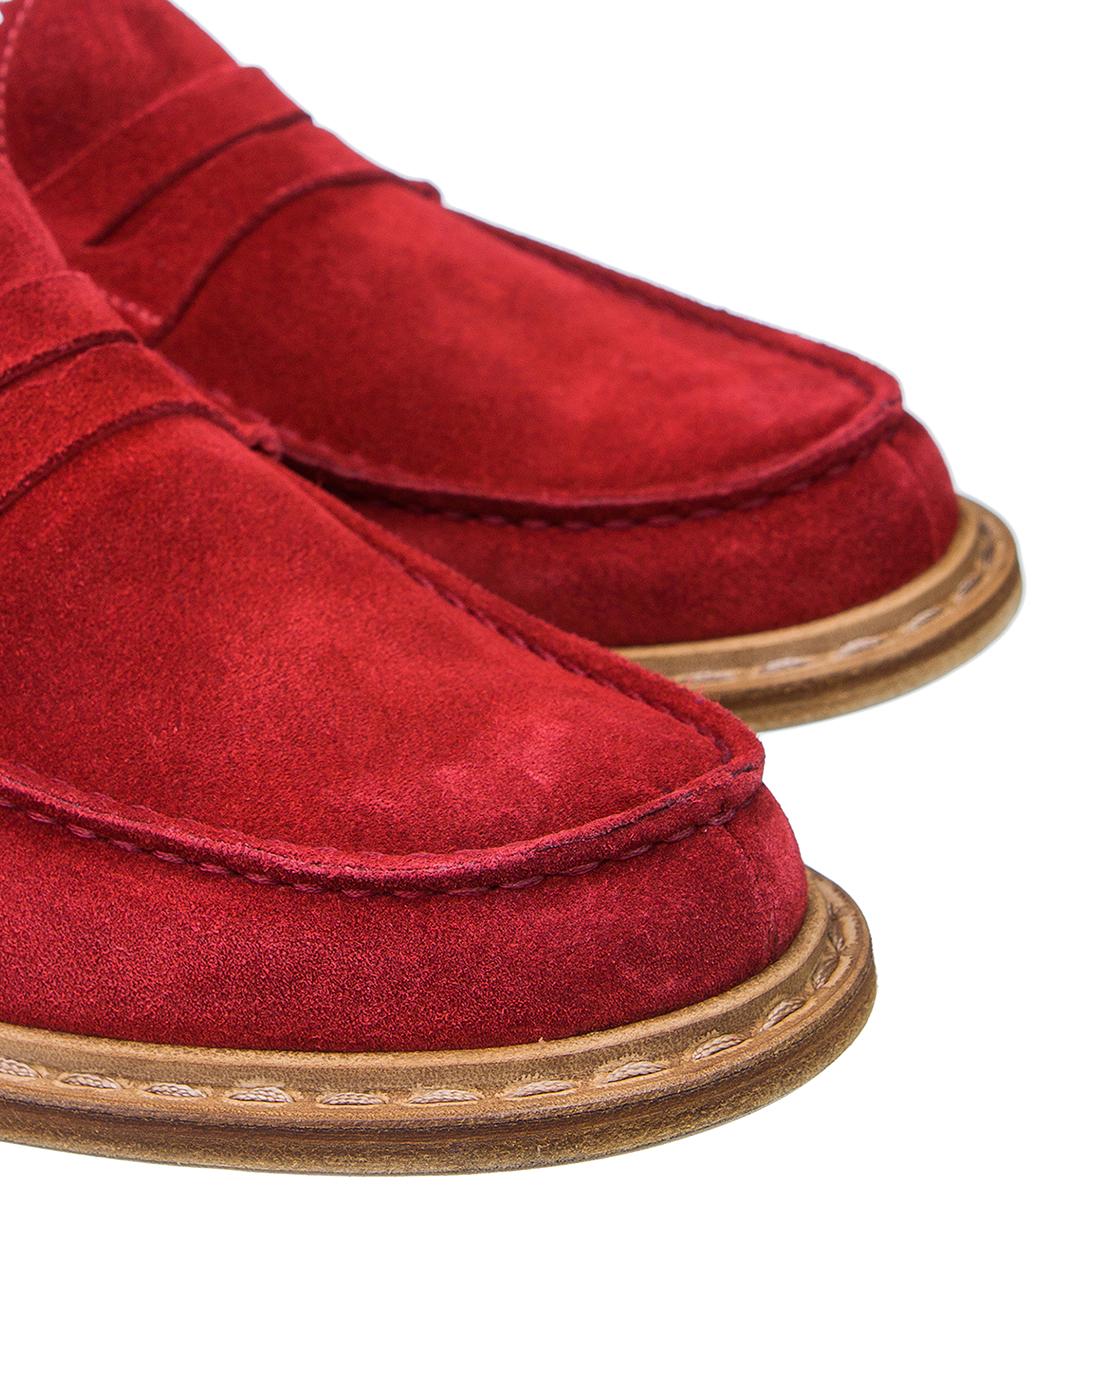 Туфли красные мужские Premiata S31404-4